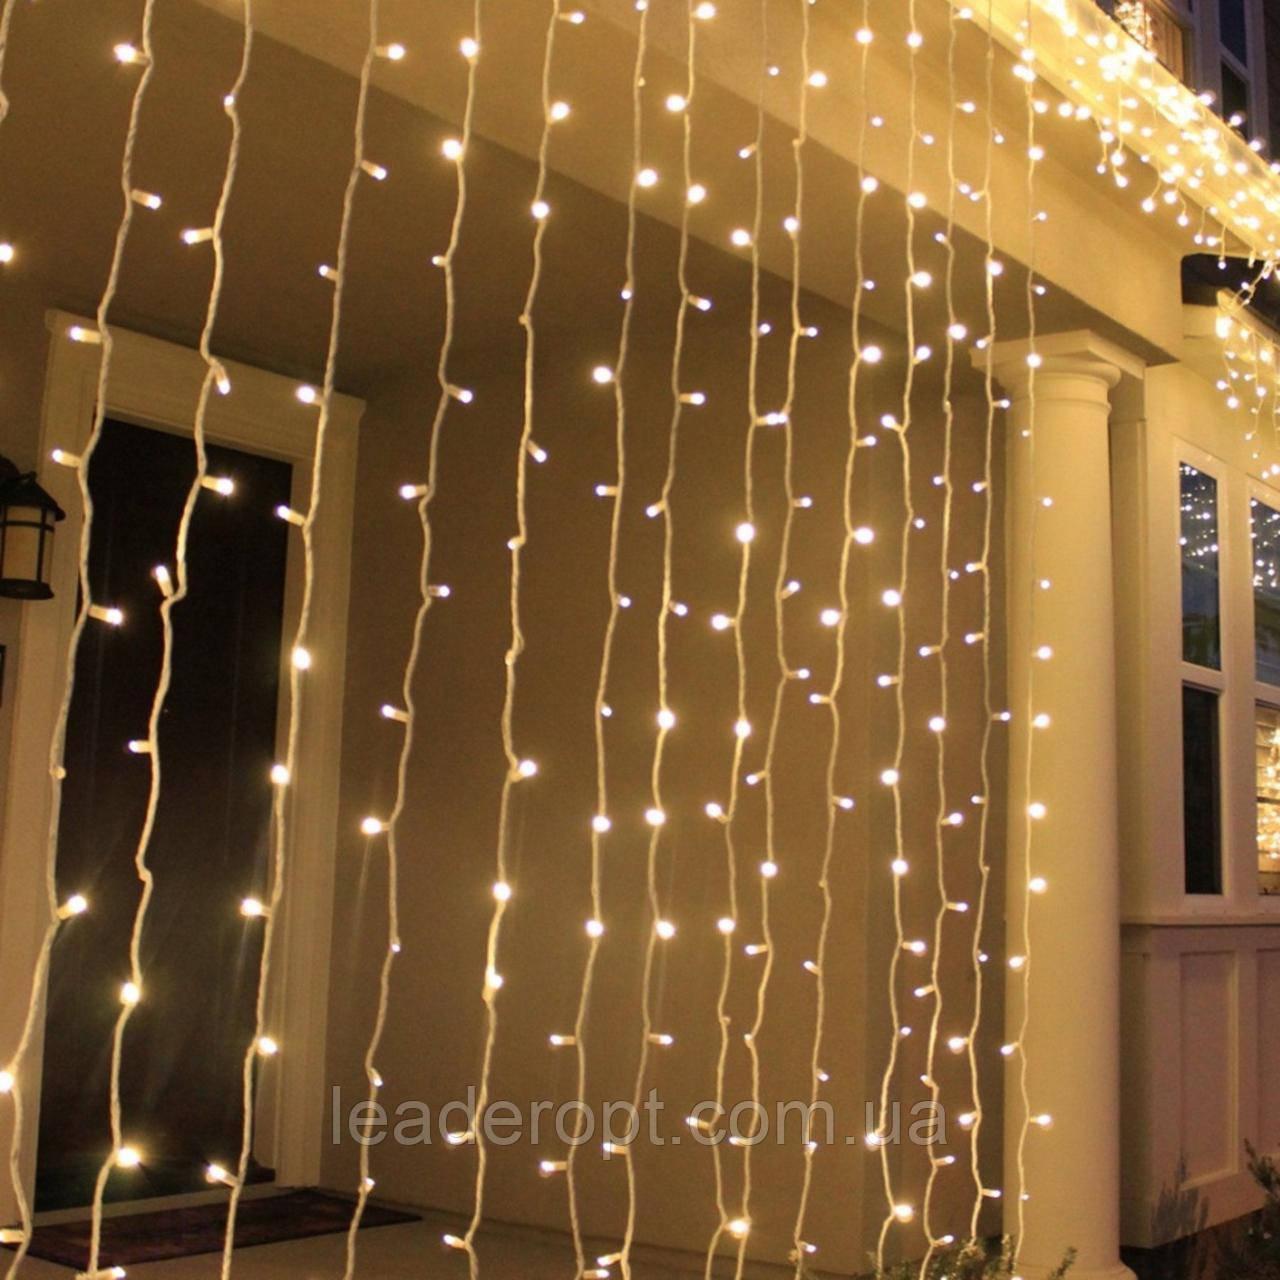 """[ОПТ] Уличная светодиодная новогодняя гирлянда """"Занавес"""" с мерцанием, 480LED, 3м*3м, IP-44, (теплый белый)"""